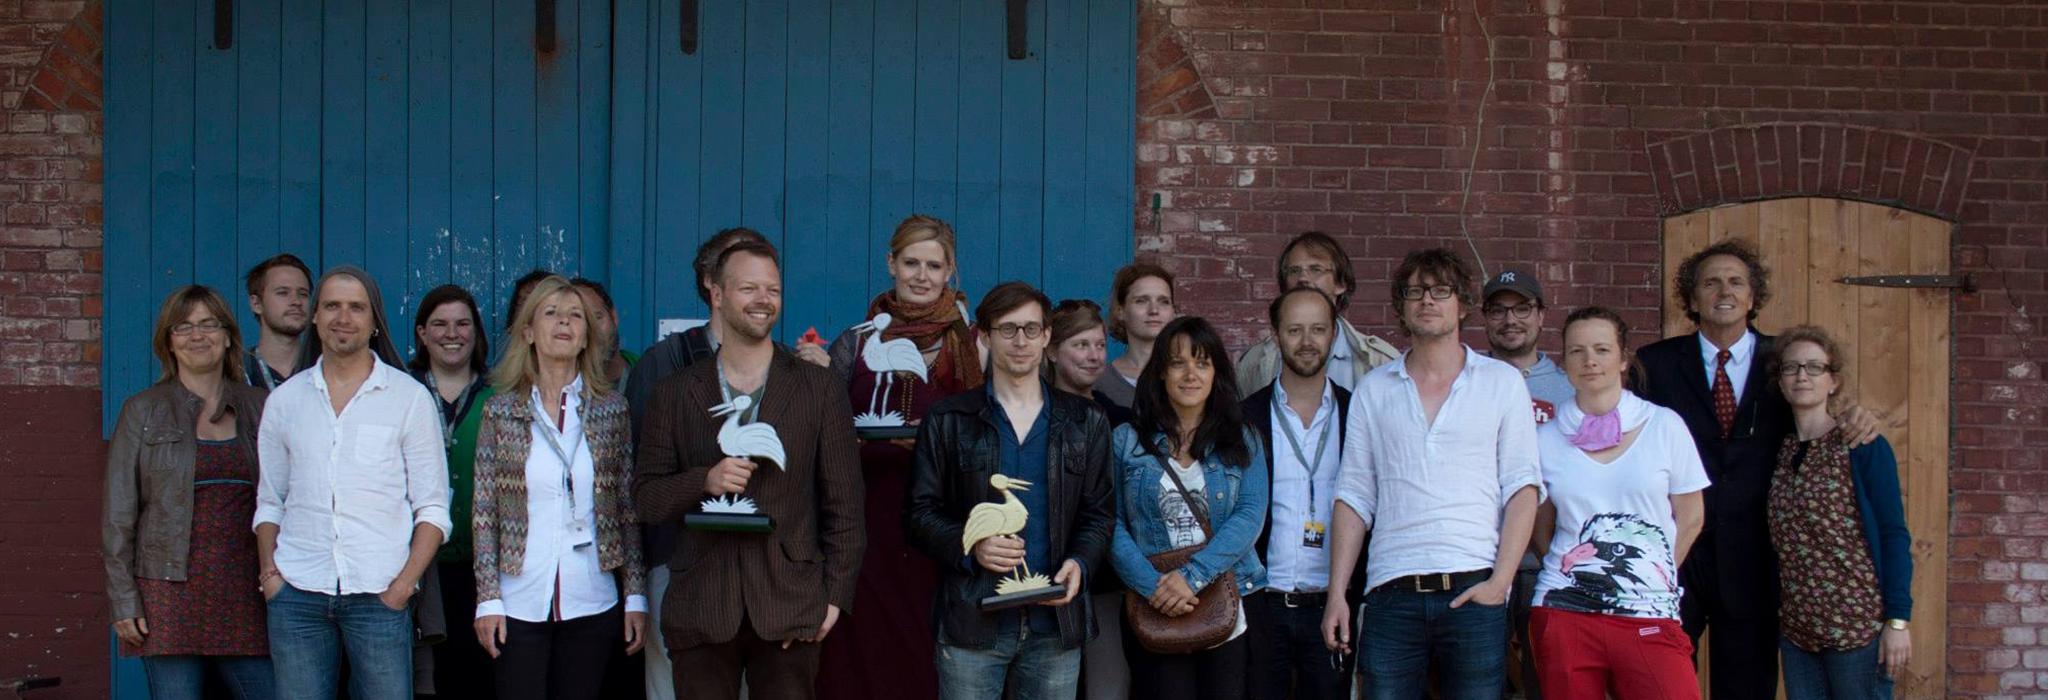 Die Teilnehmer des Festivals 2013